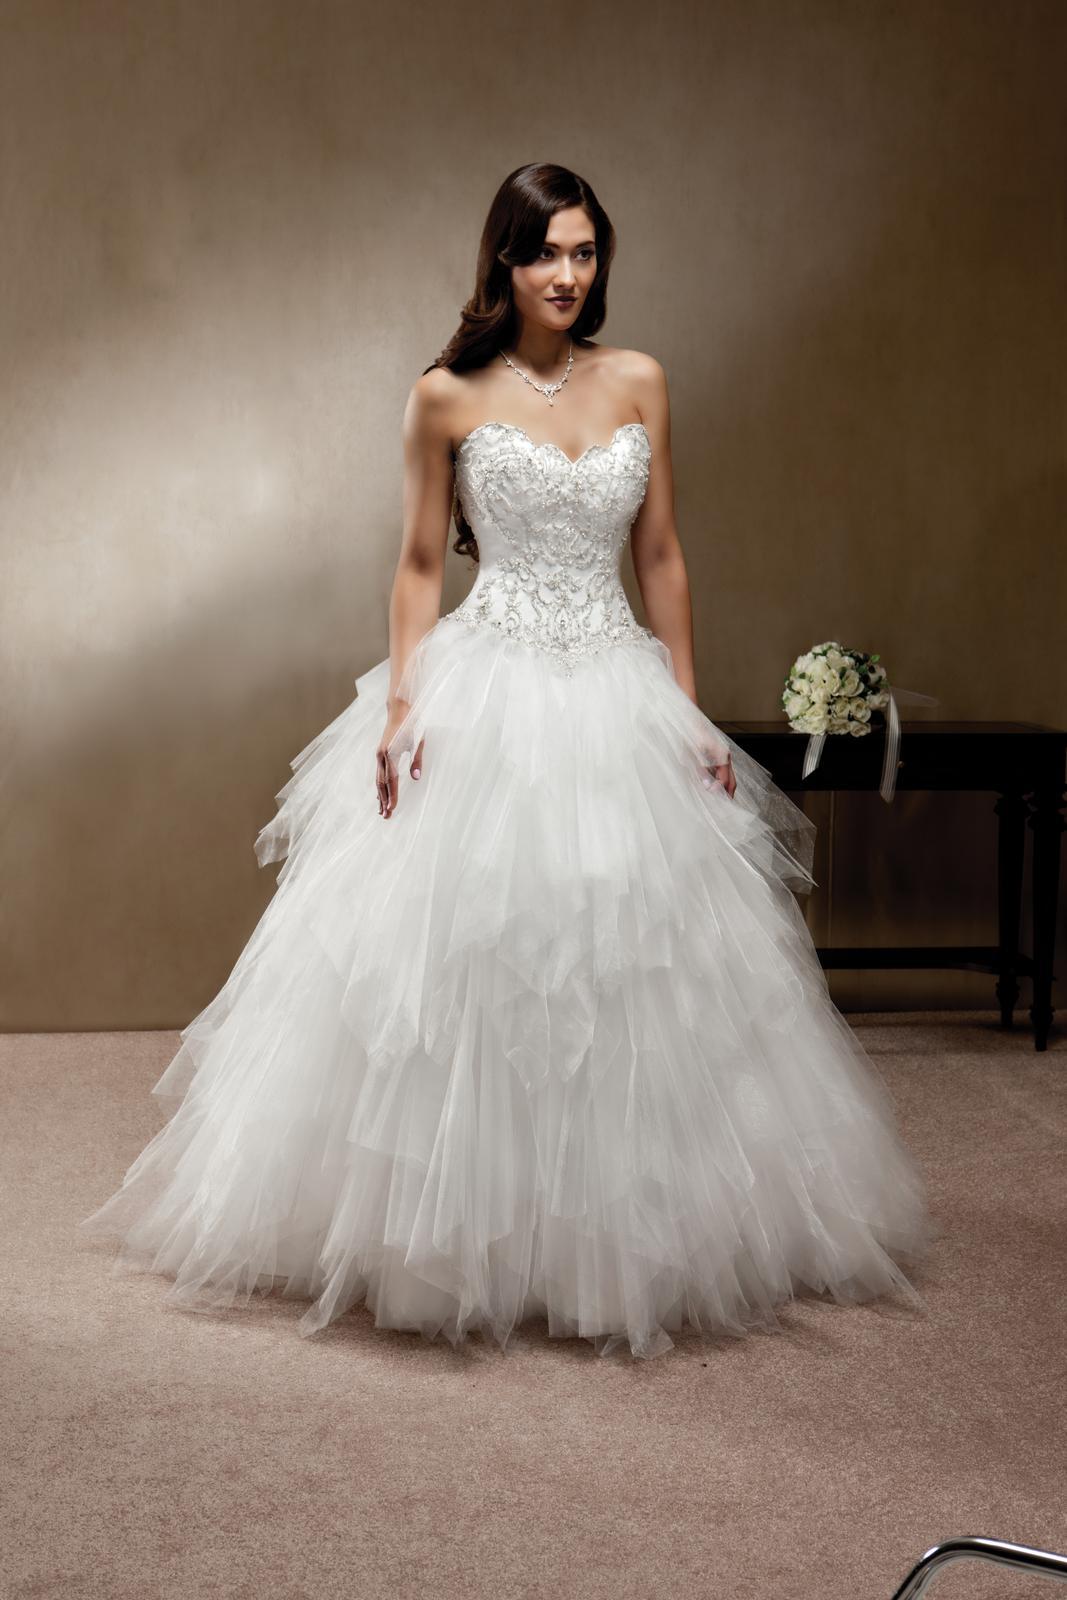 Svatební šaty Mia Solano M1201L - Obrázek č. 1